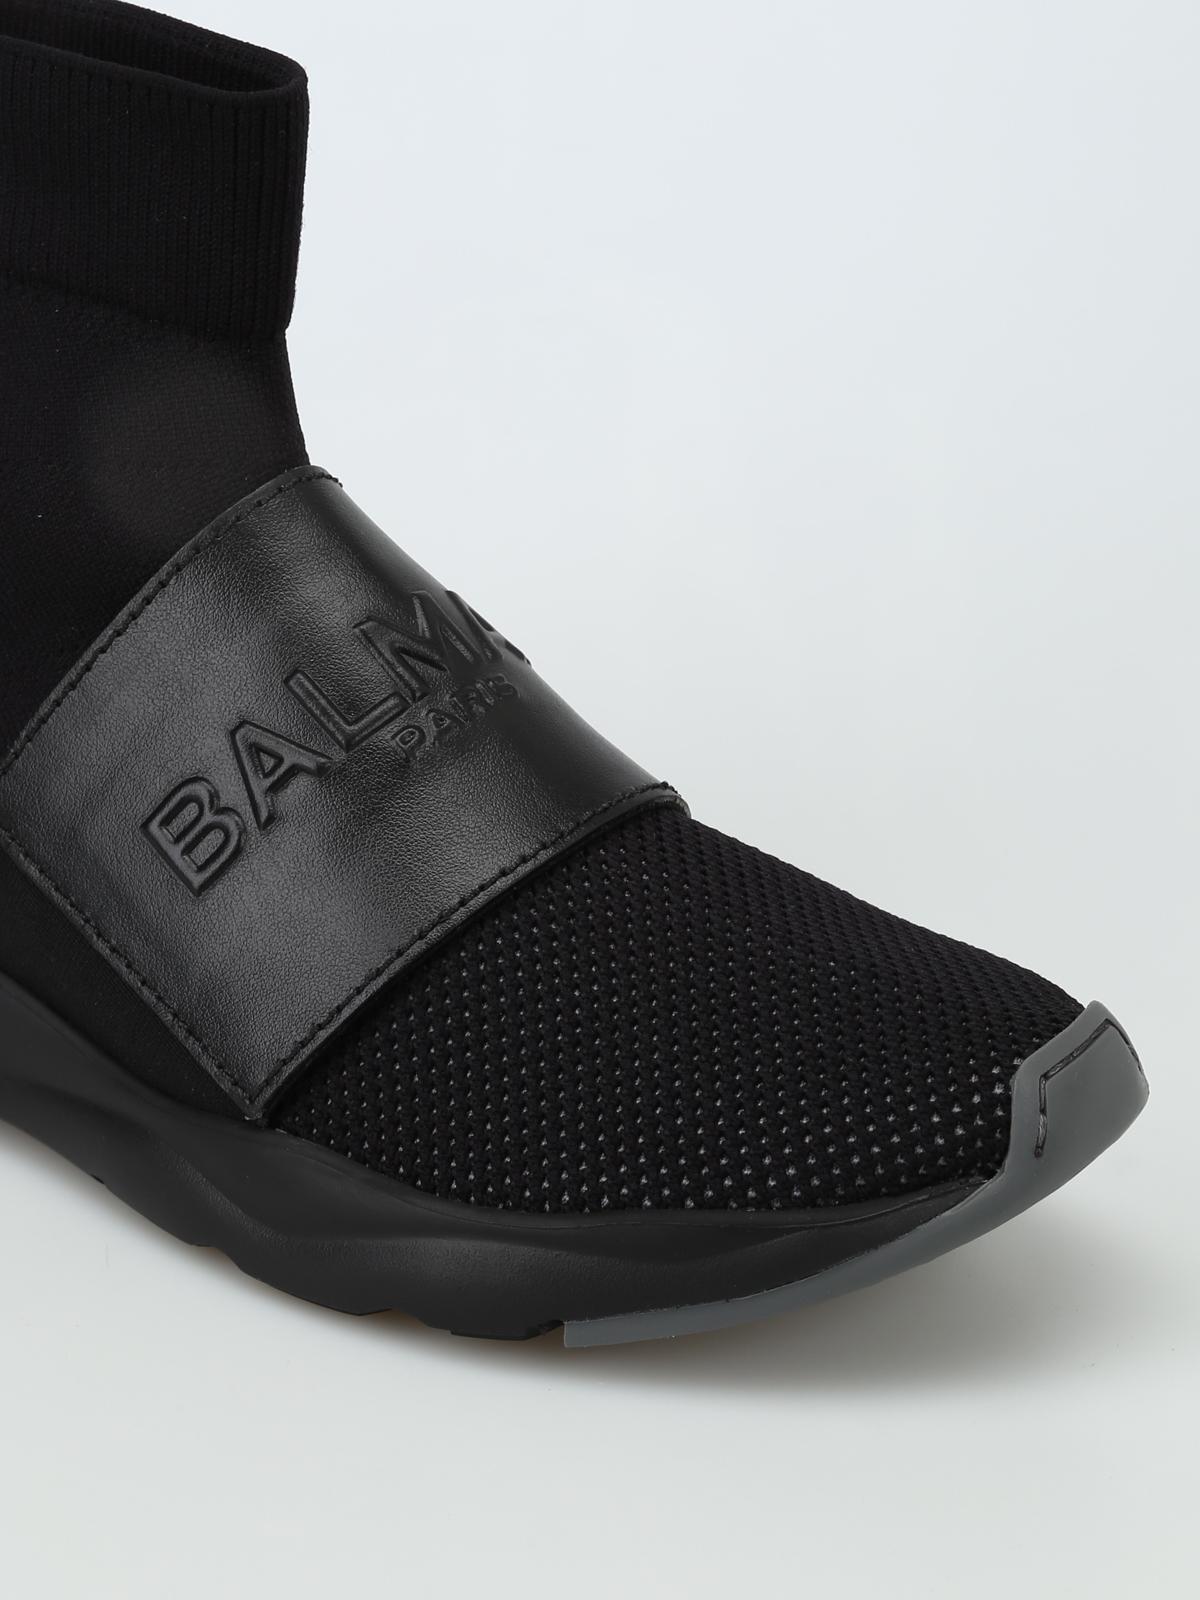 Cameron black mesh sock sneakers